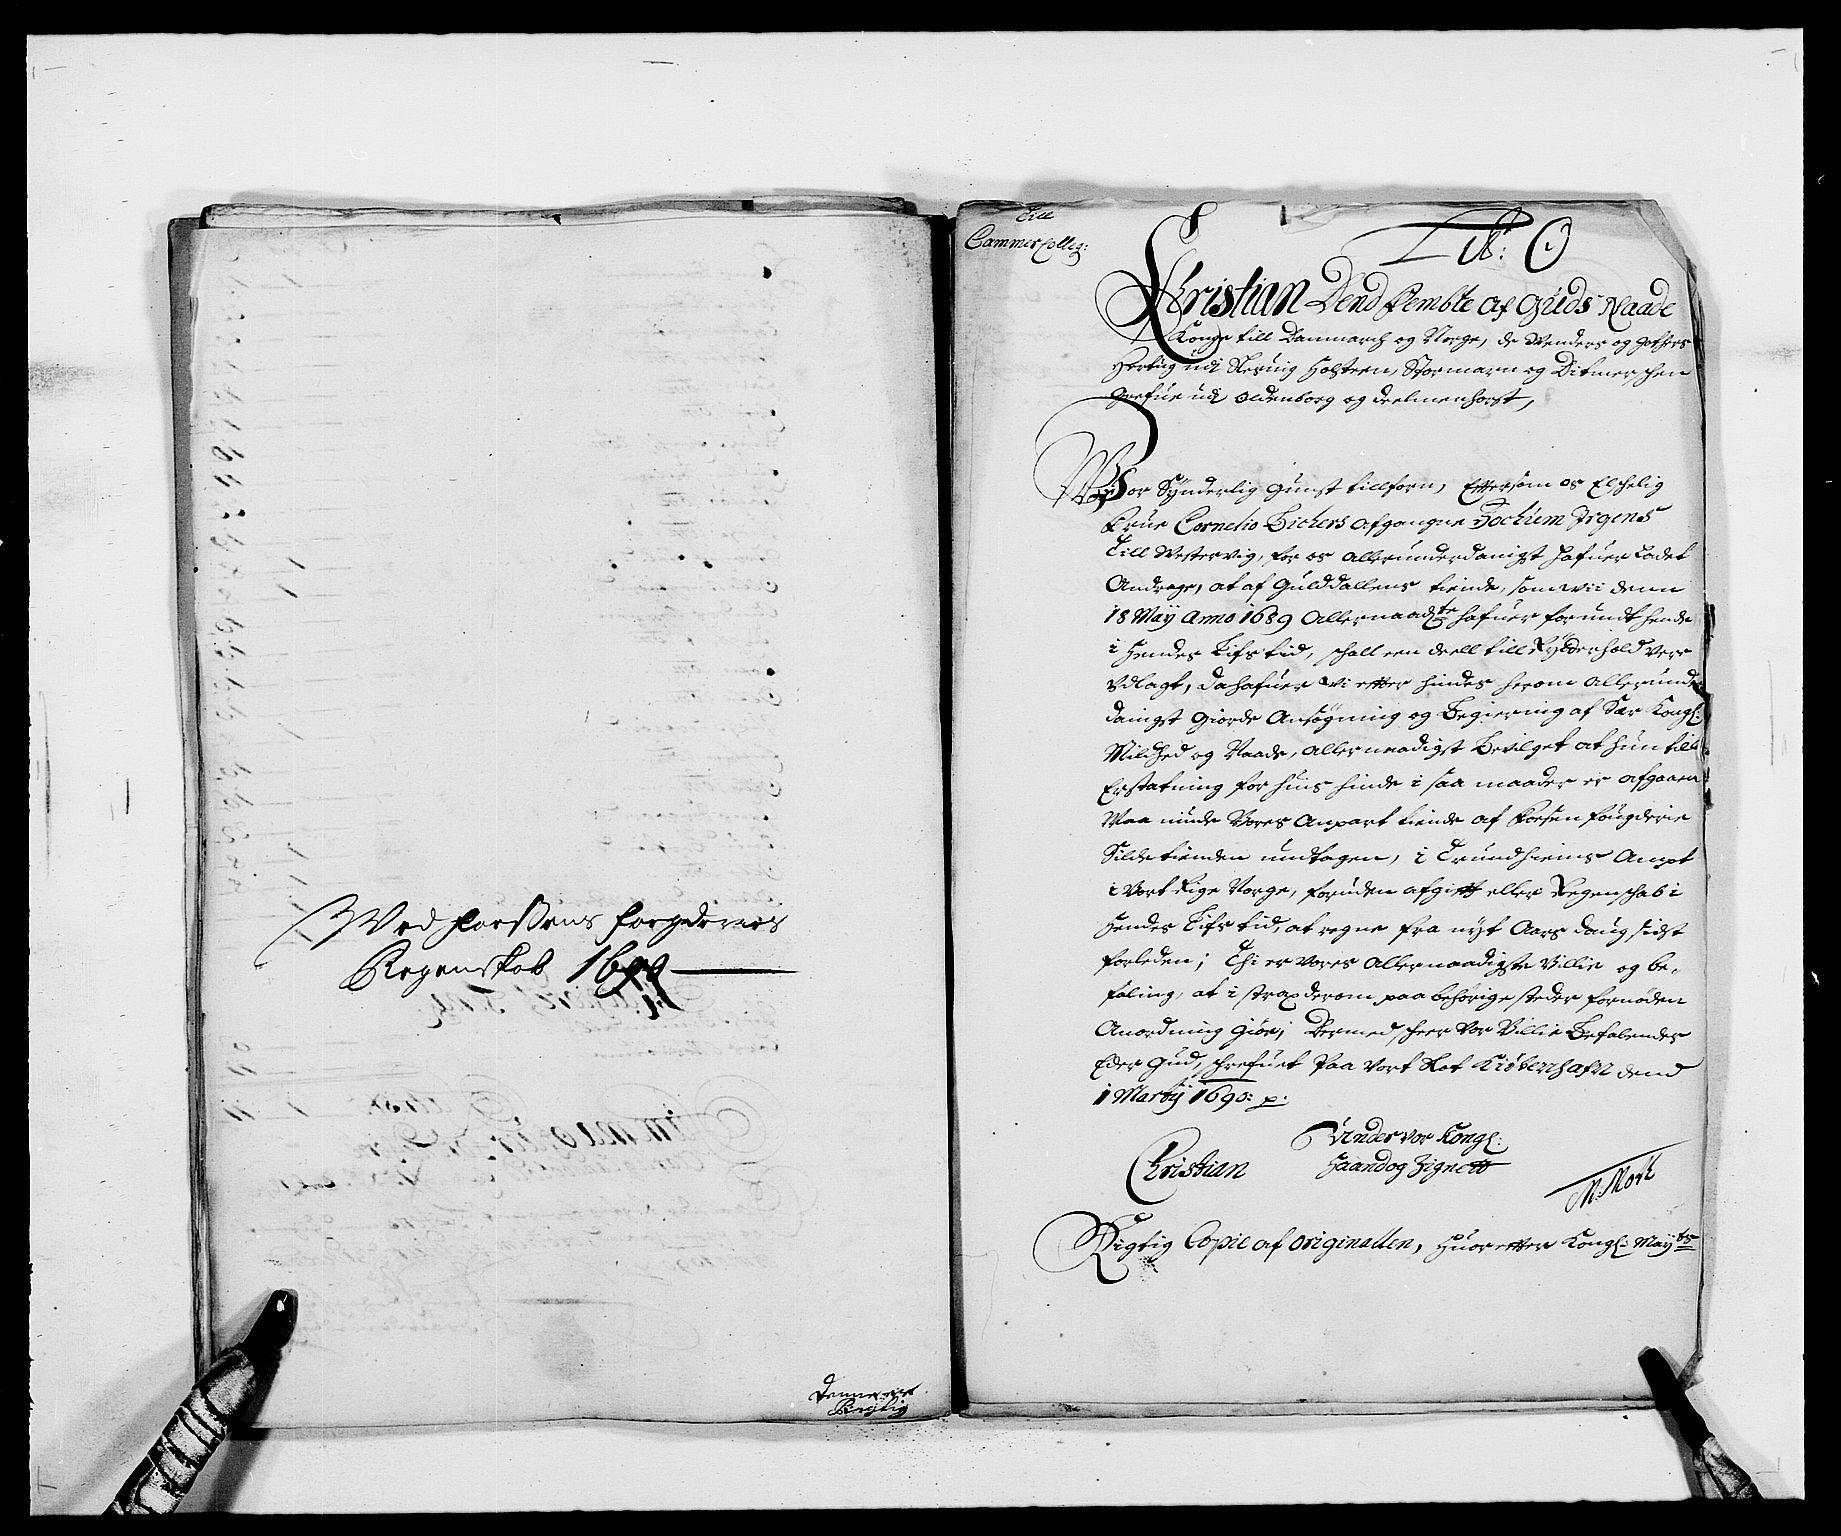 RA, Rentekammeret inntil 1814, Reviderte regnskaper, Fogderegnskap, R57/L3848: Fogderegnskap Fosen, 1690-1691, s. 181